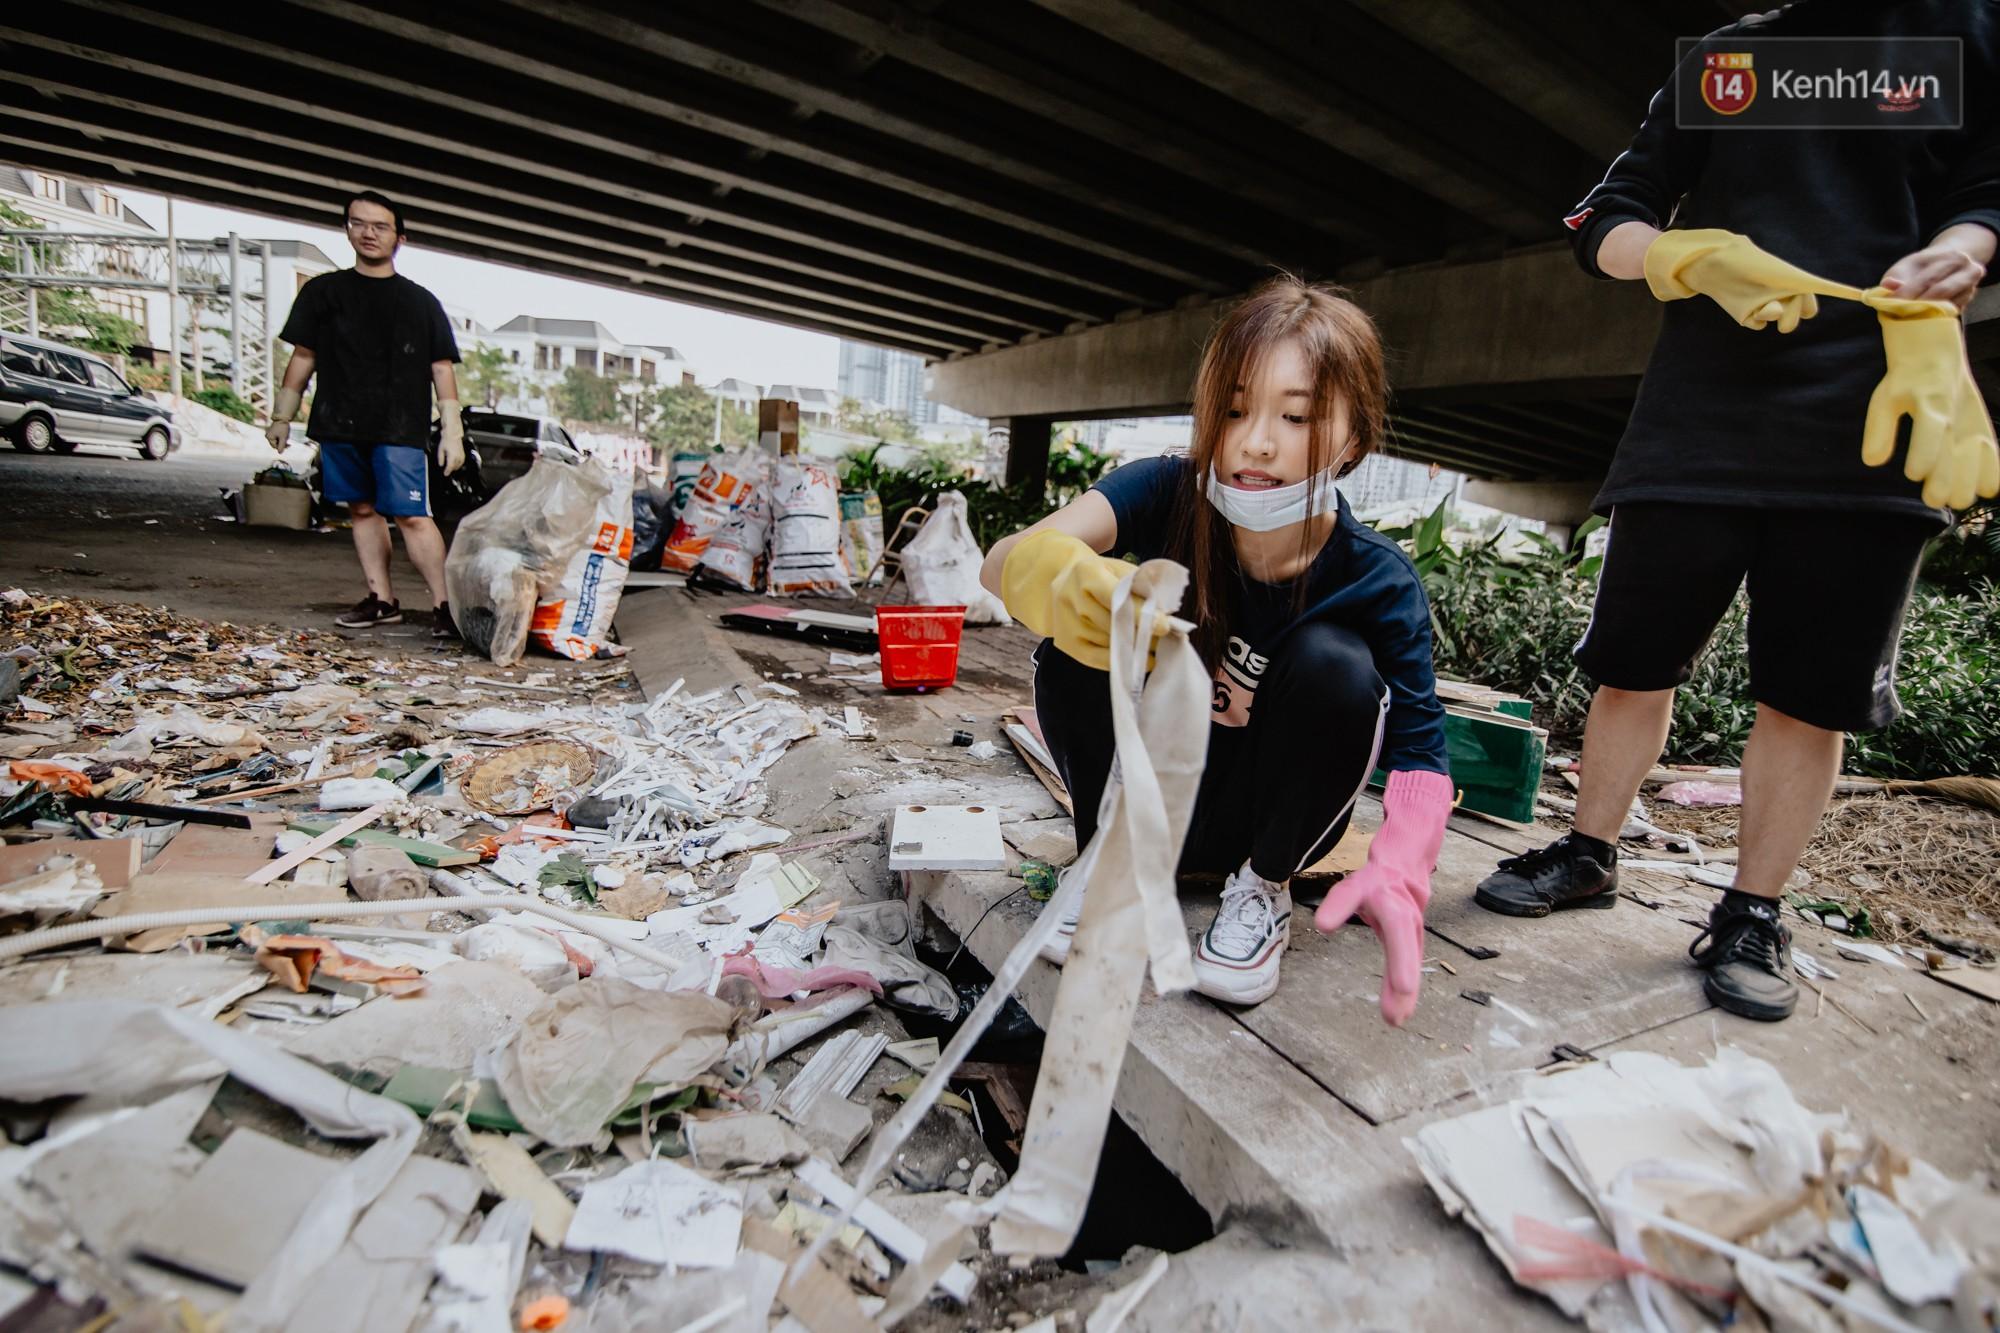 """Hoa hậu Phương Khánh, Han Sara và nhóm Uni5 nhiệt tình thực hiện """"Thử thách dọn rác"""", làm sạch rác dưới chân cầu Sài Gòn - Ảnh 6."""